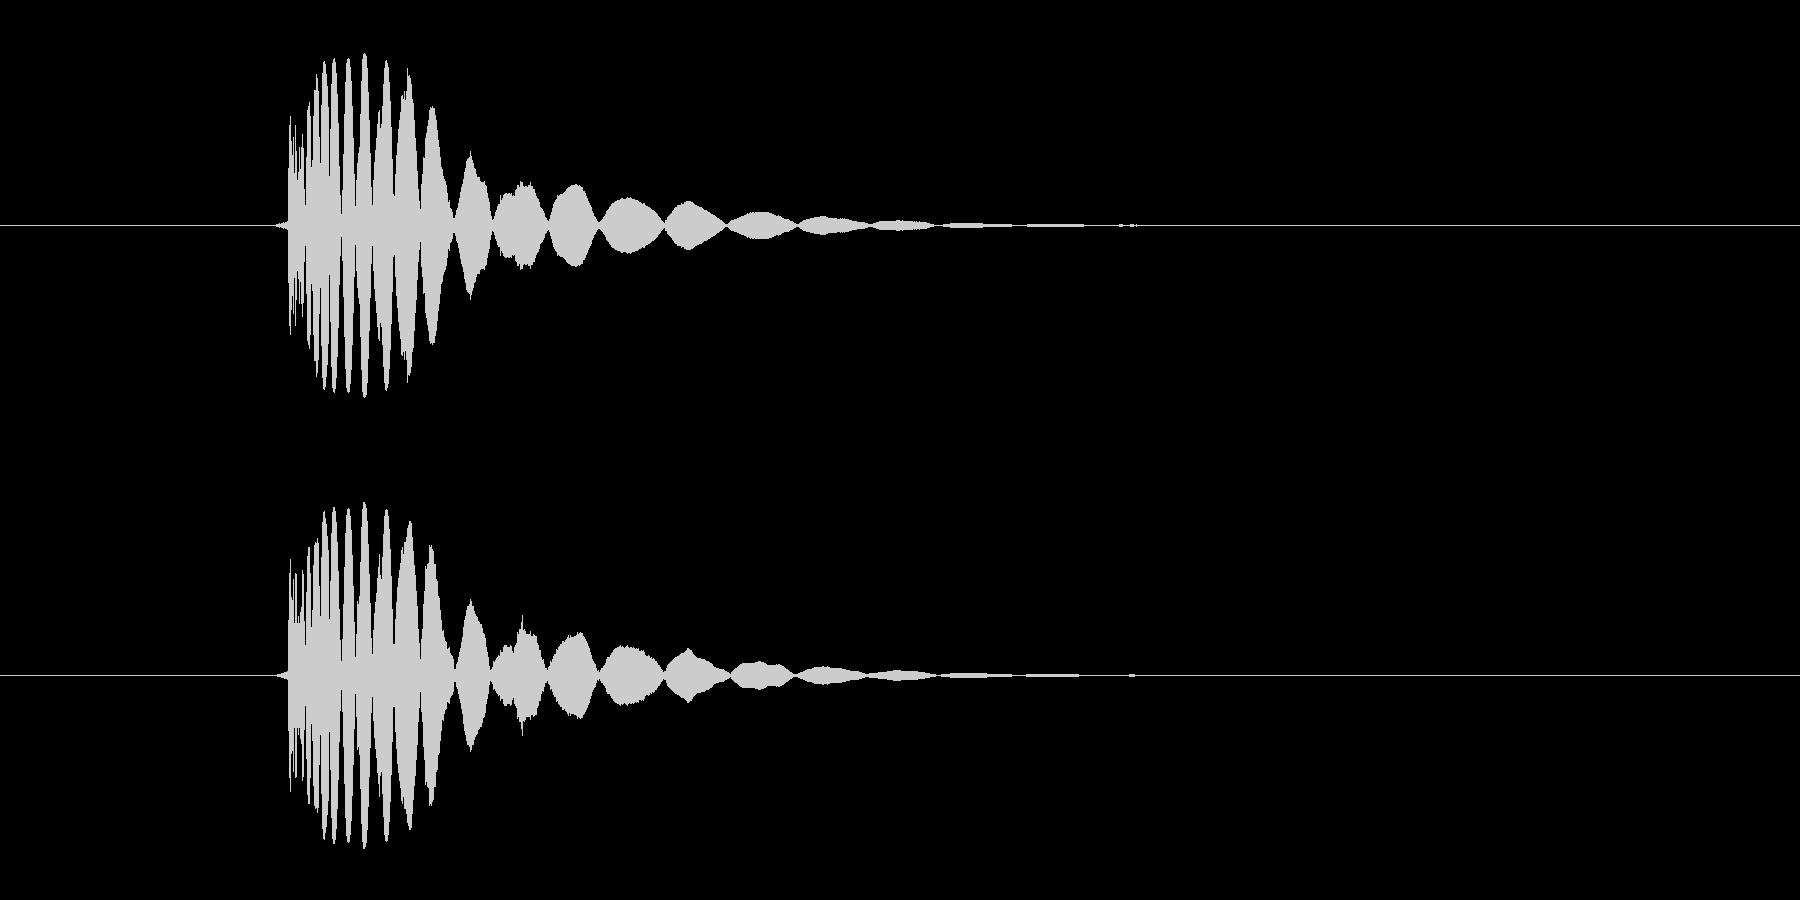 ヒット音(蹴る-2 打撃のインパクト音)の未再生の波形